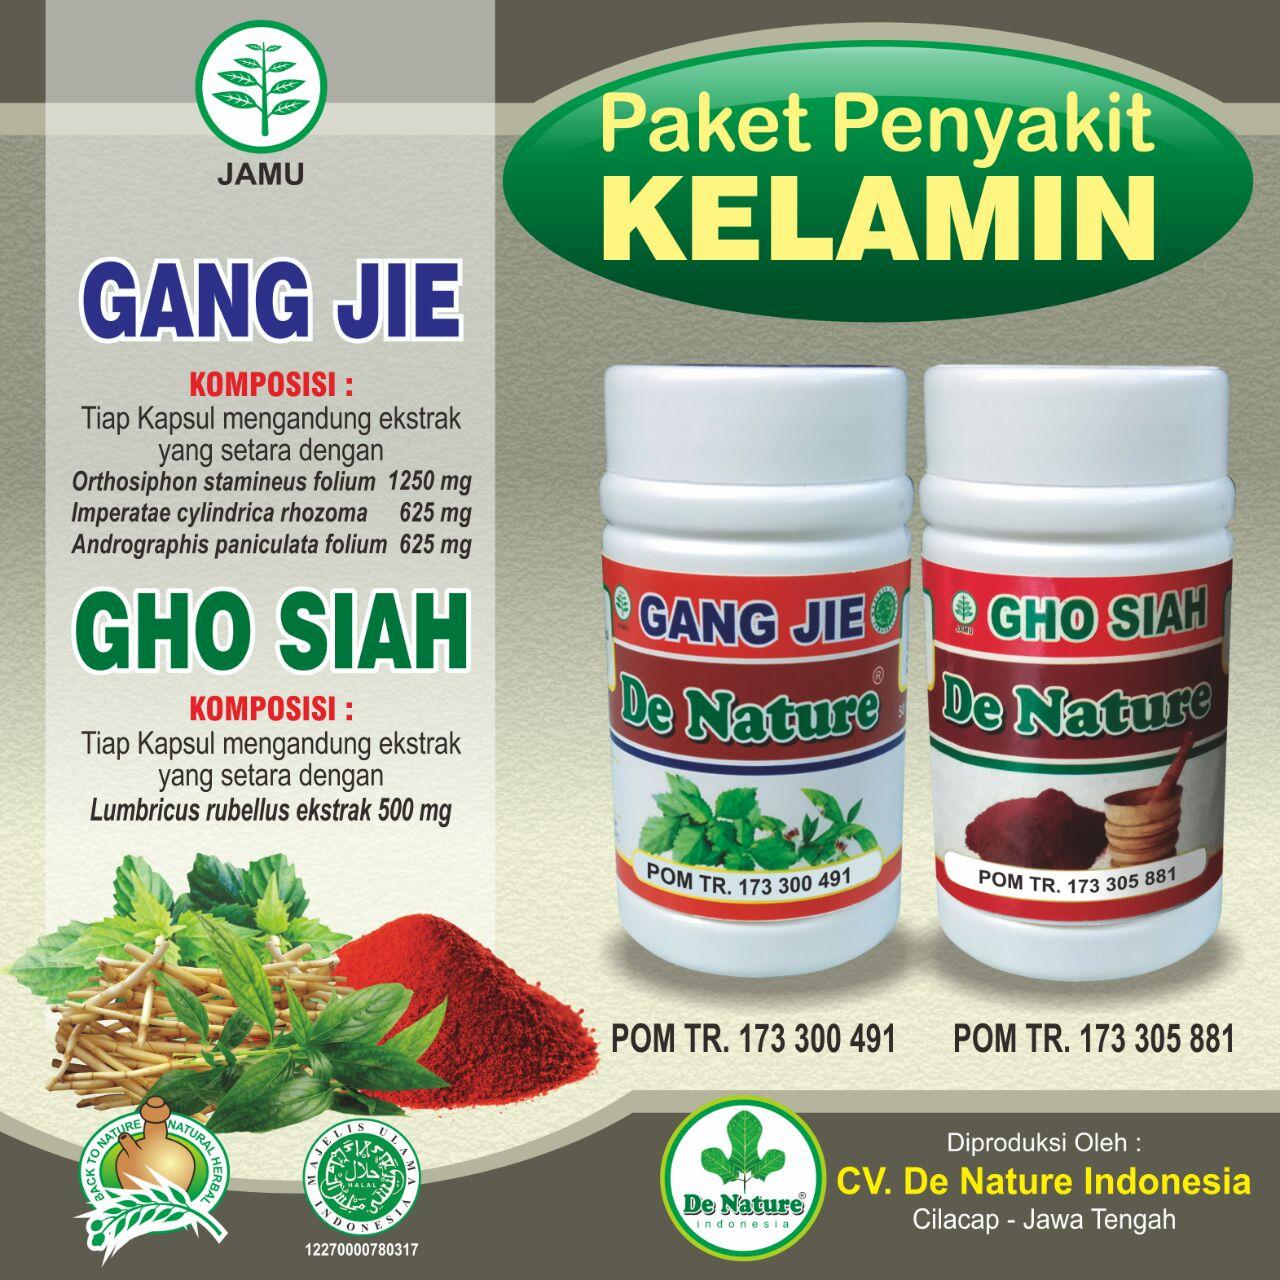 Obat Herbal Untuk Penyakit Kelamin